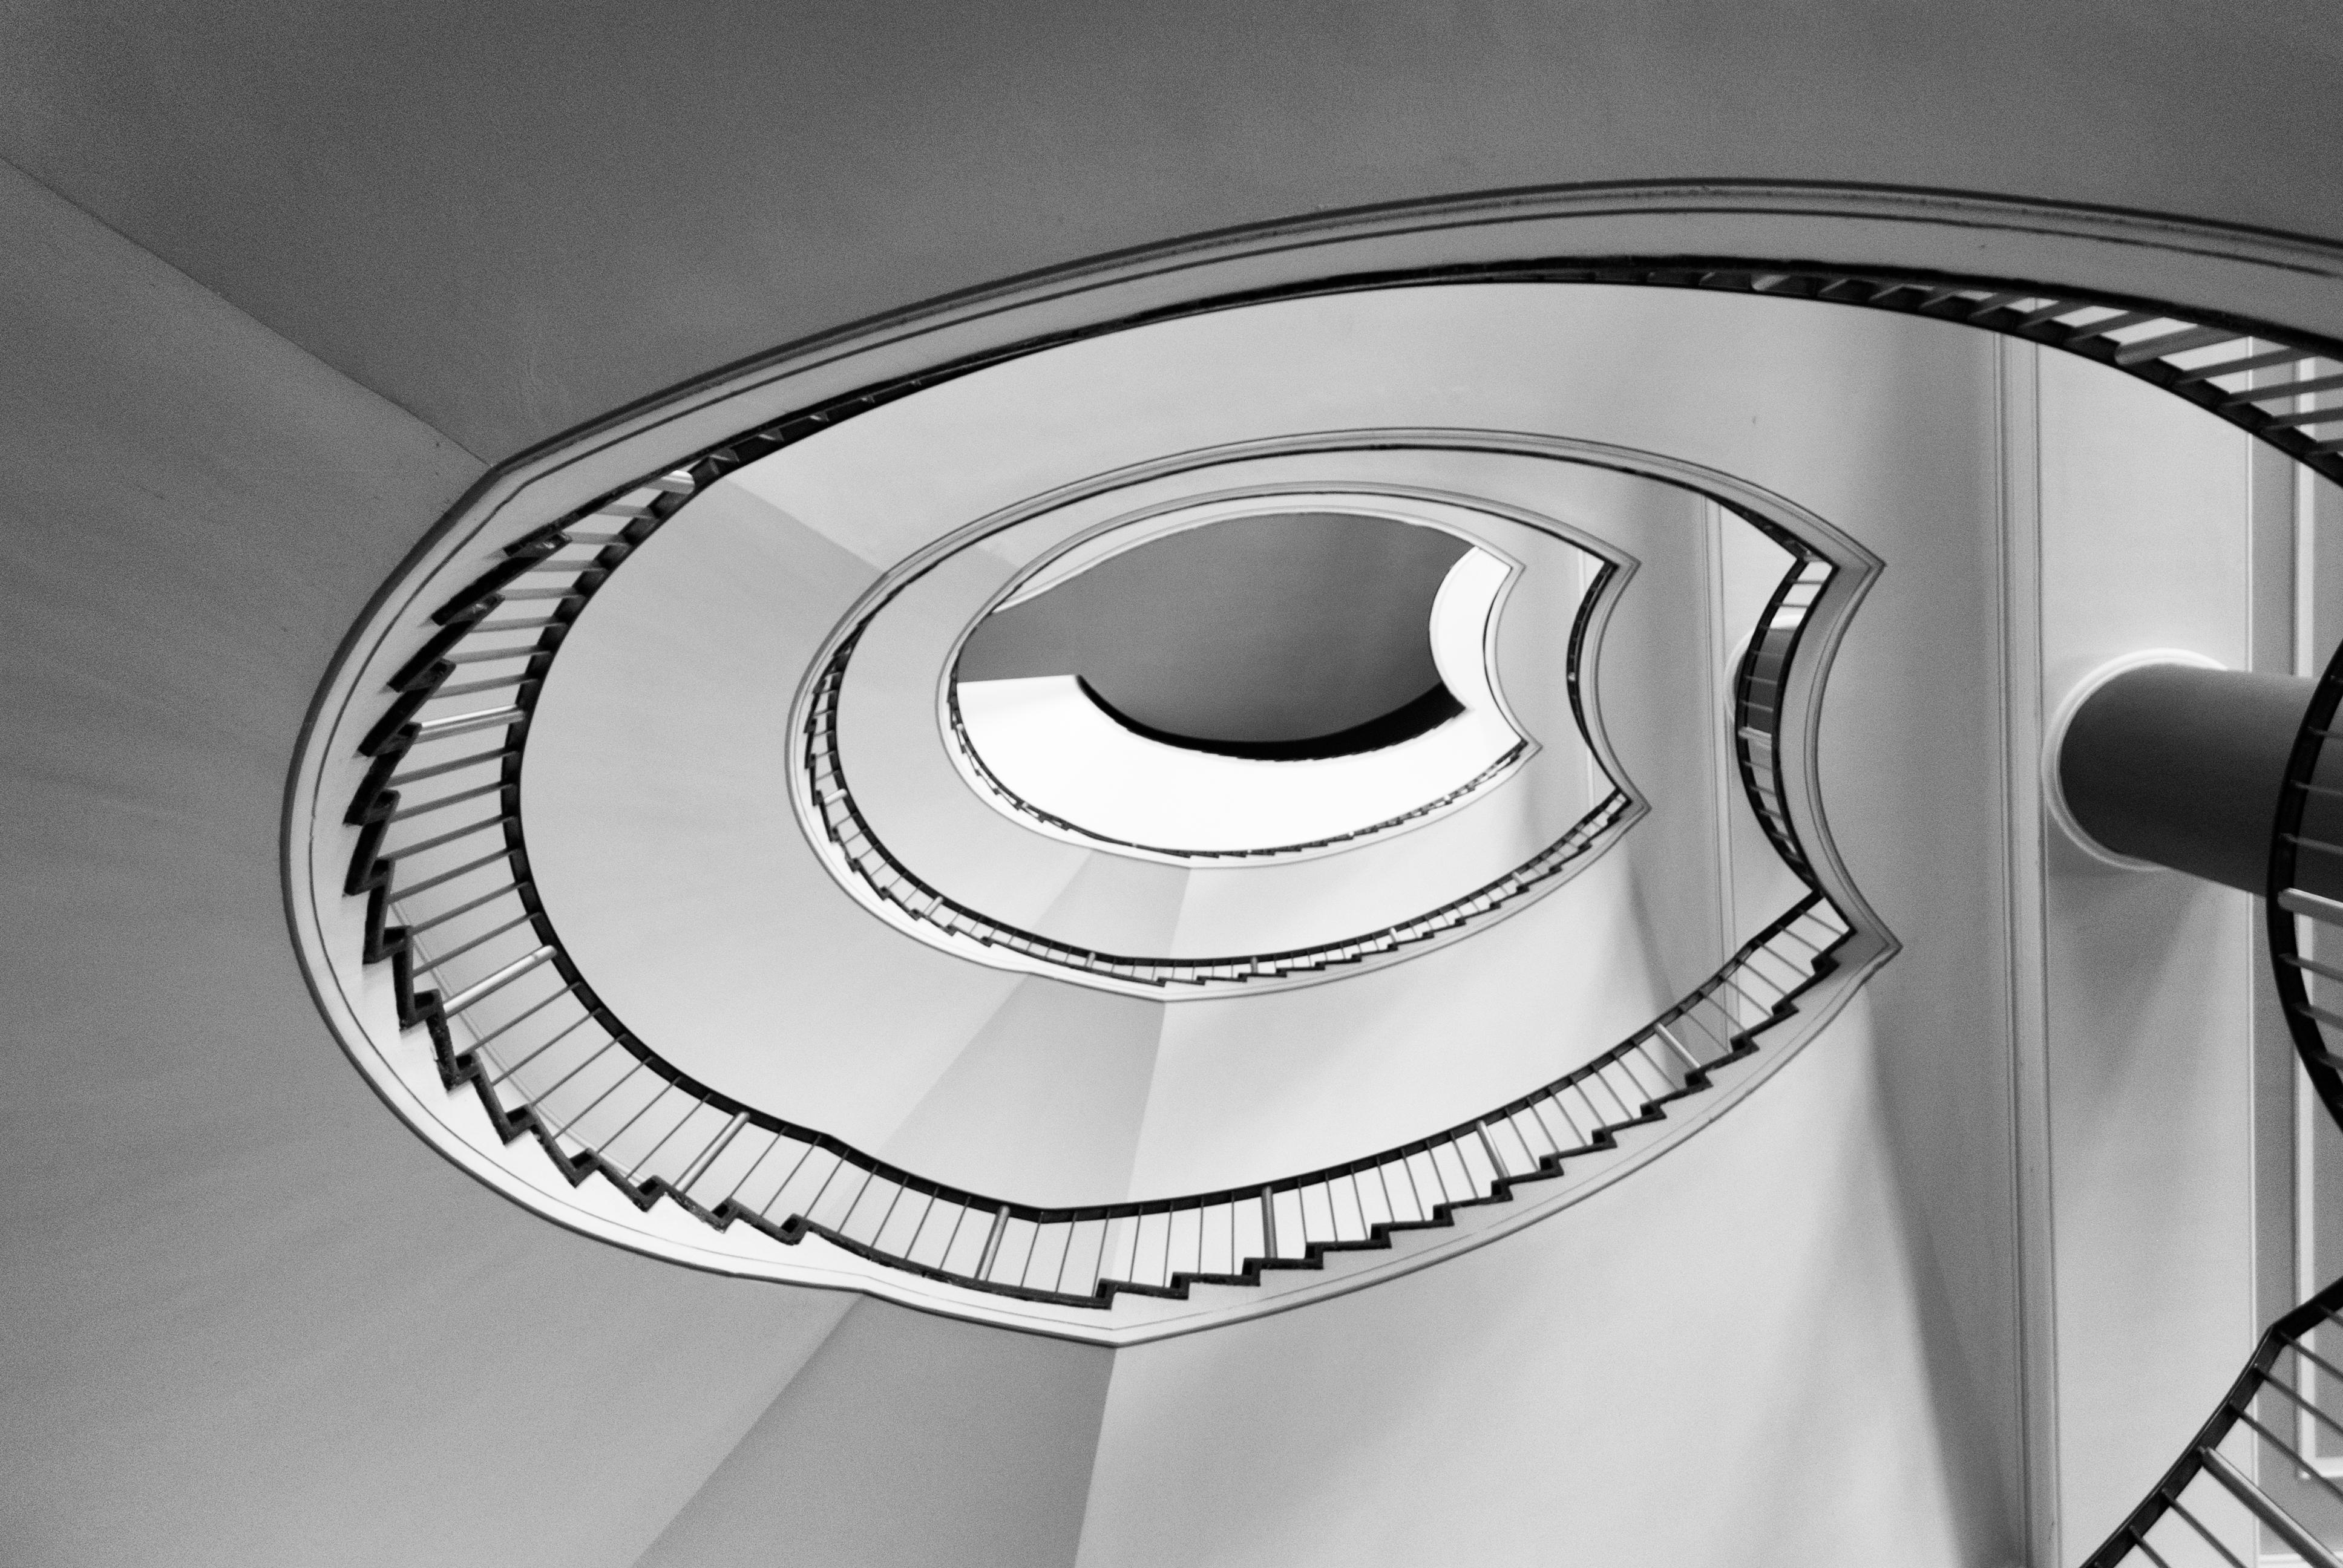 Gratis stockfoto van trap trappen trappenhuis